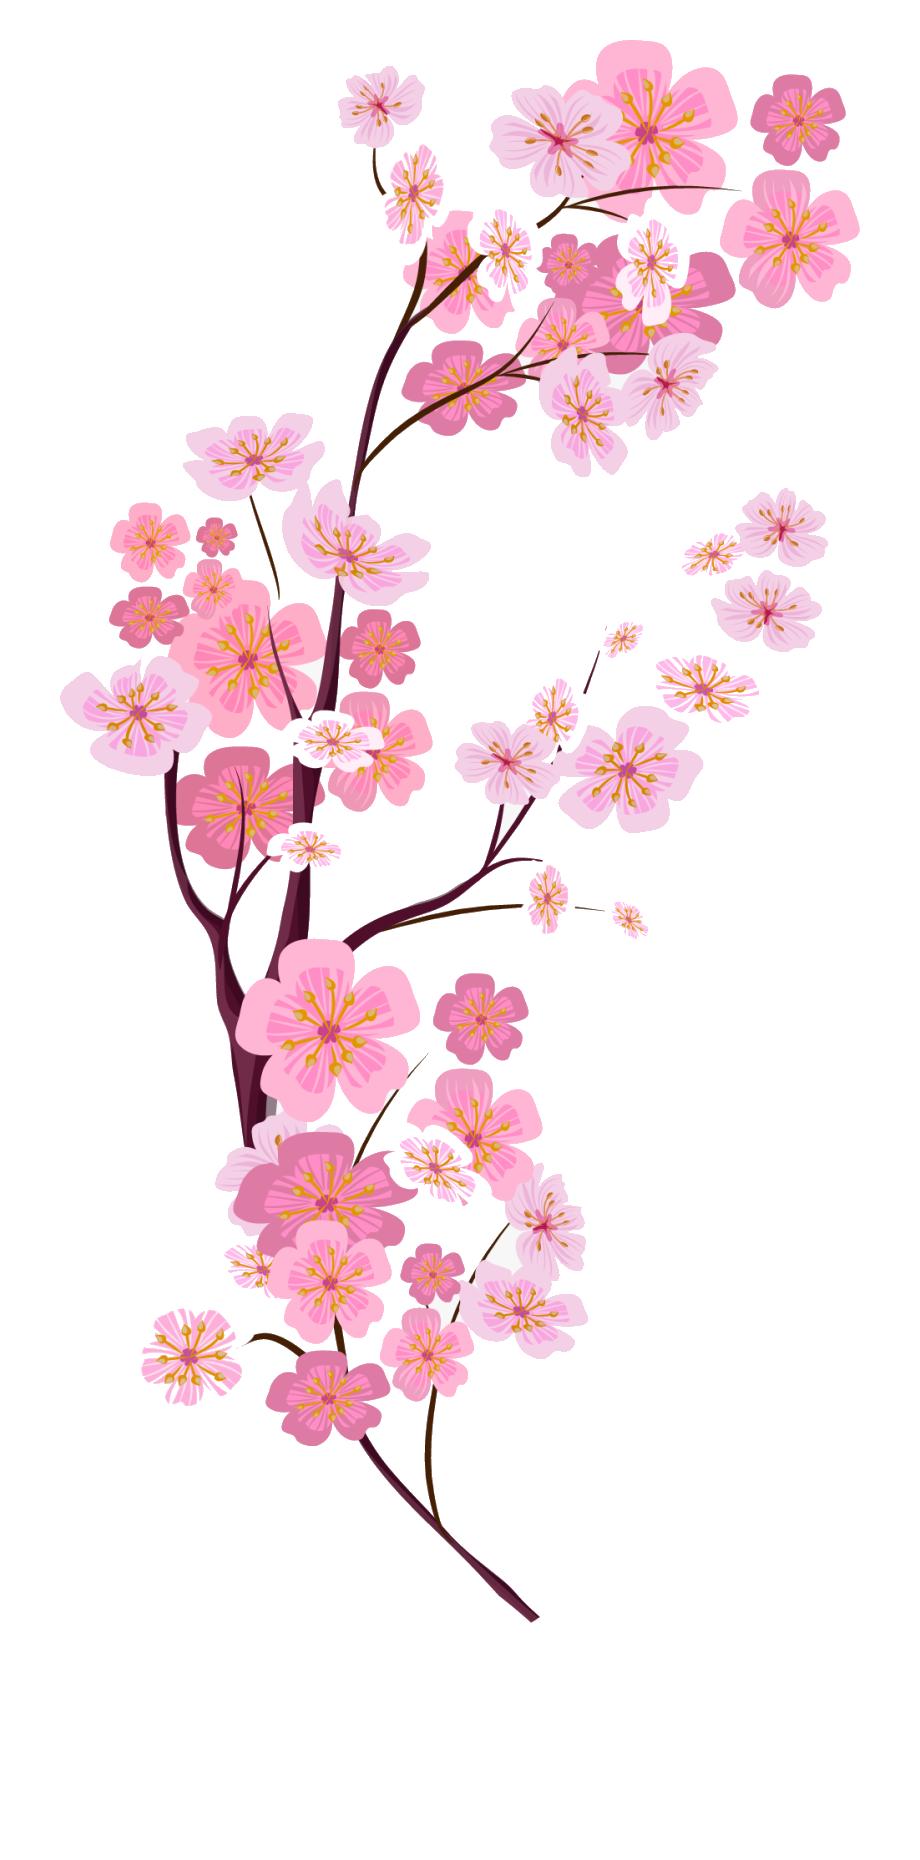 Ảnh vẽ hoa đào